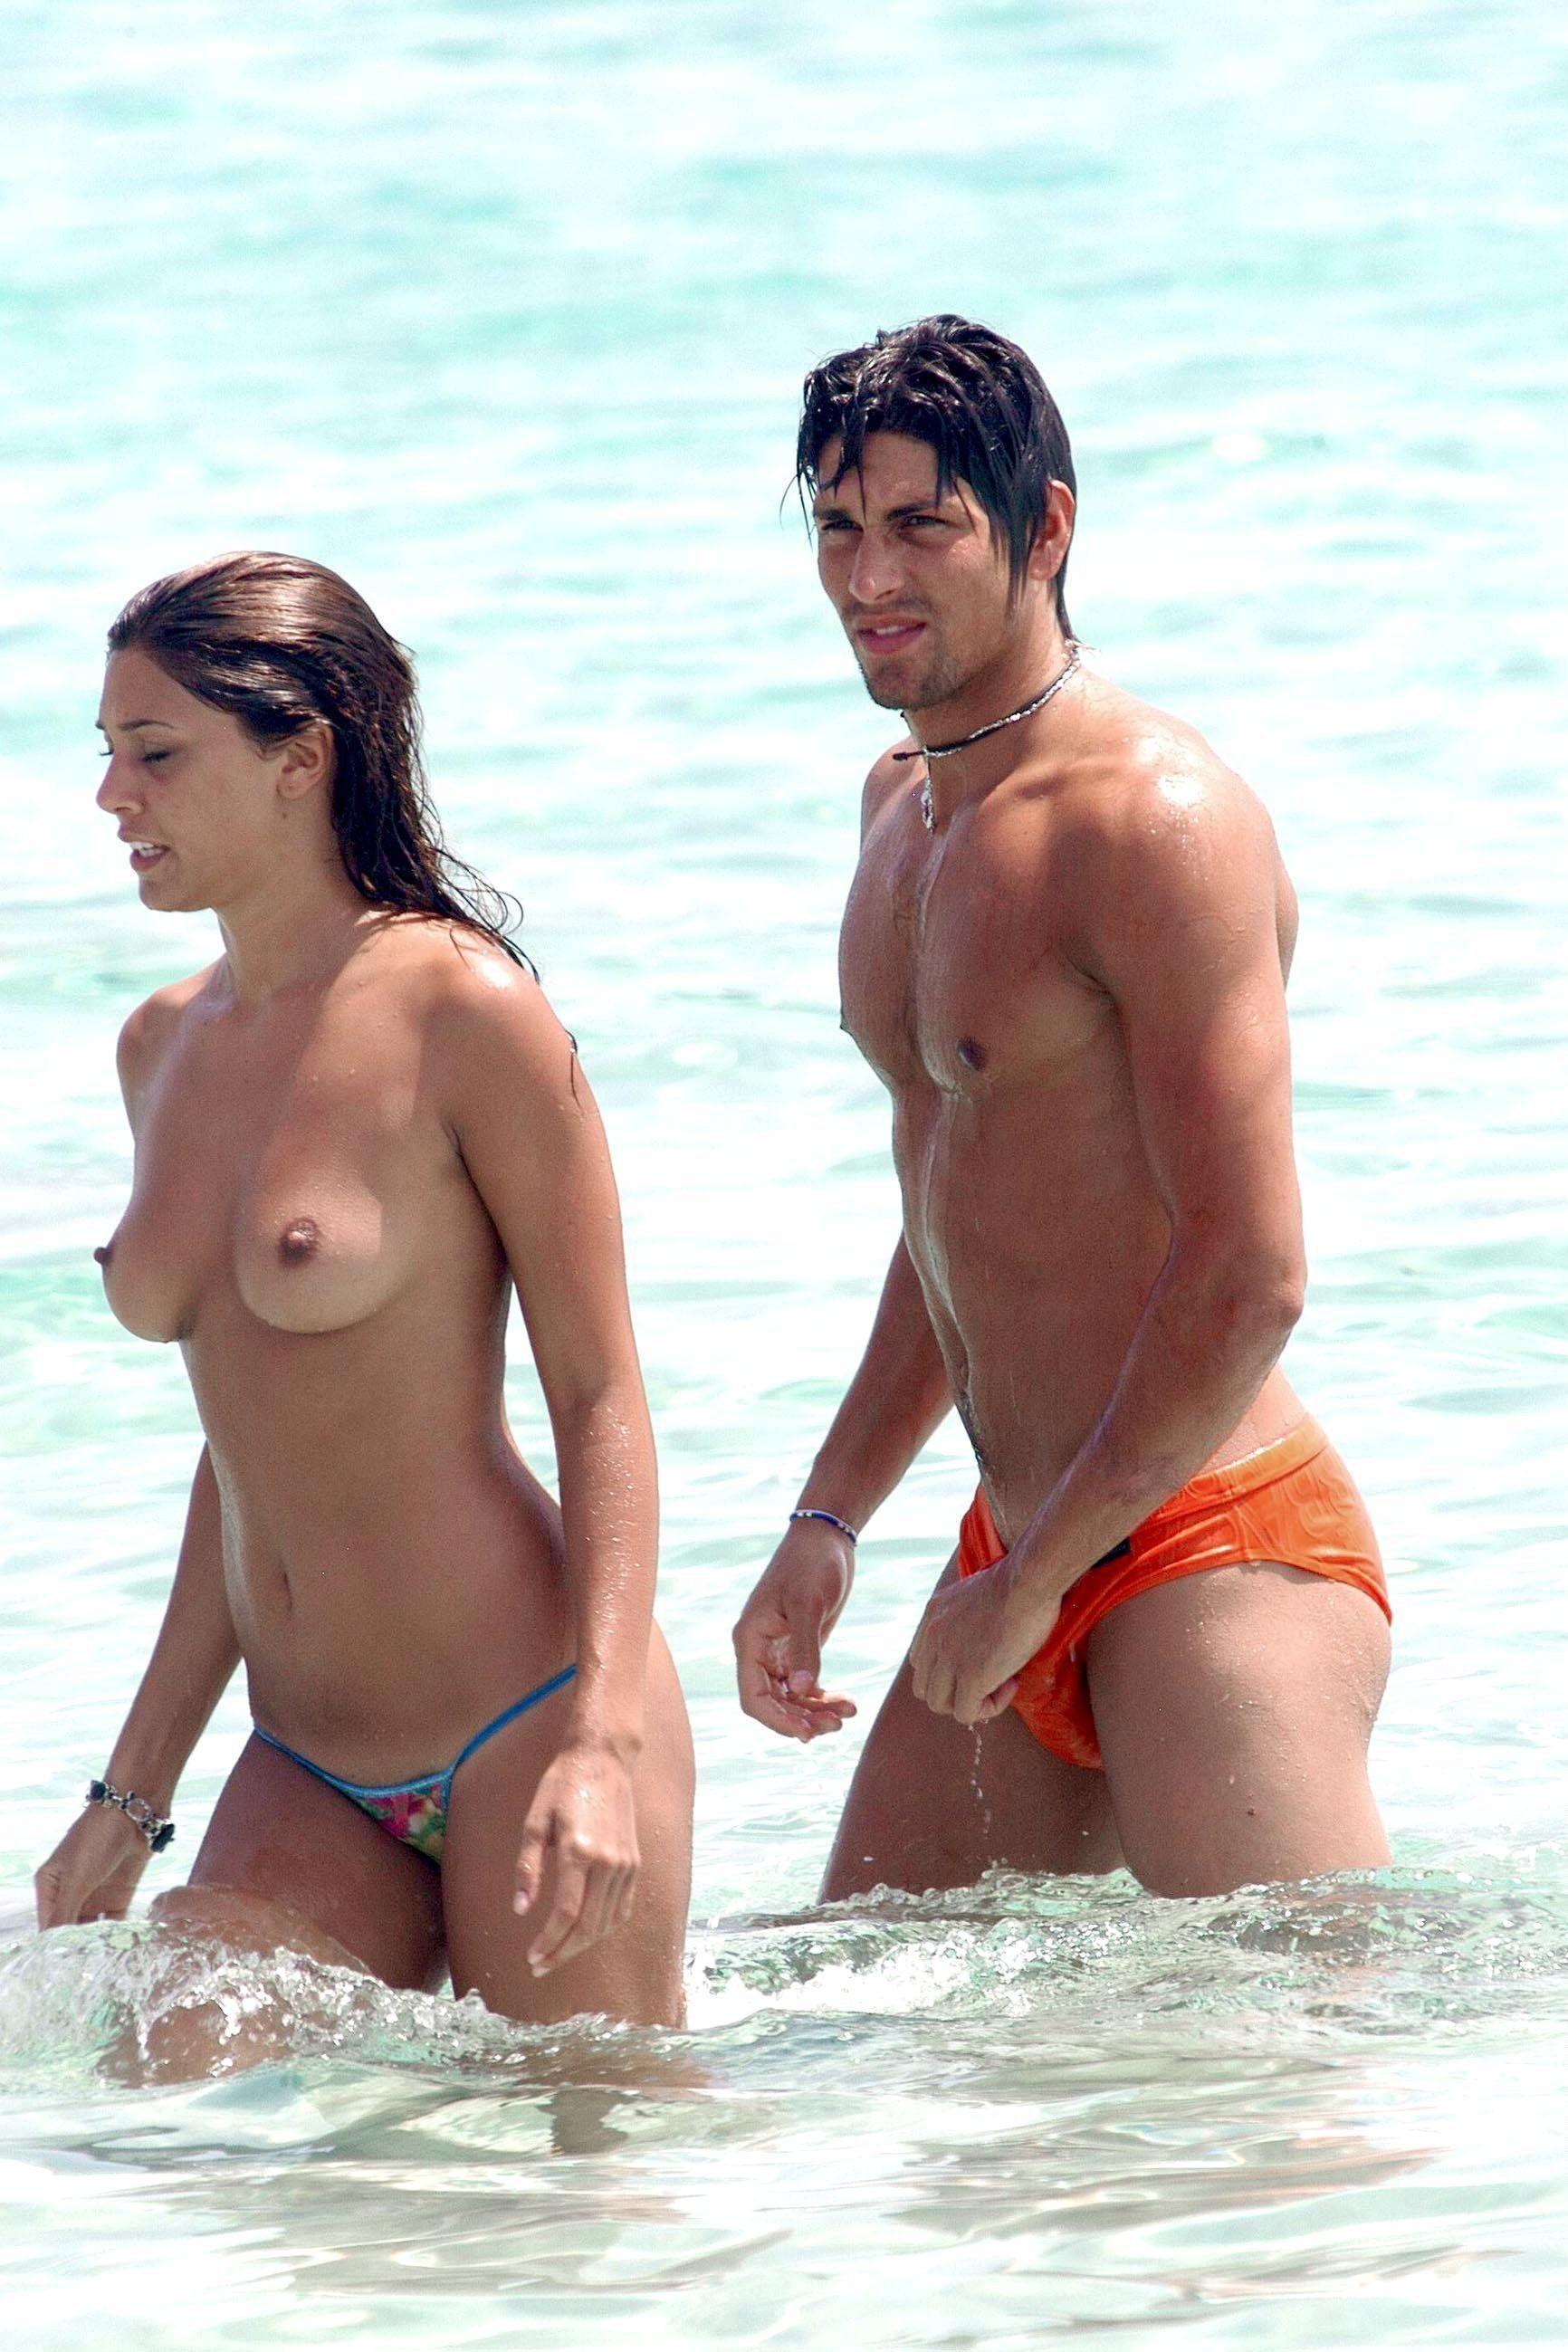 nudists-girls-boobs-beach-topless-mix-vol7-67